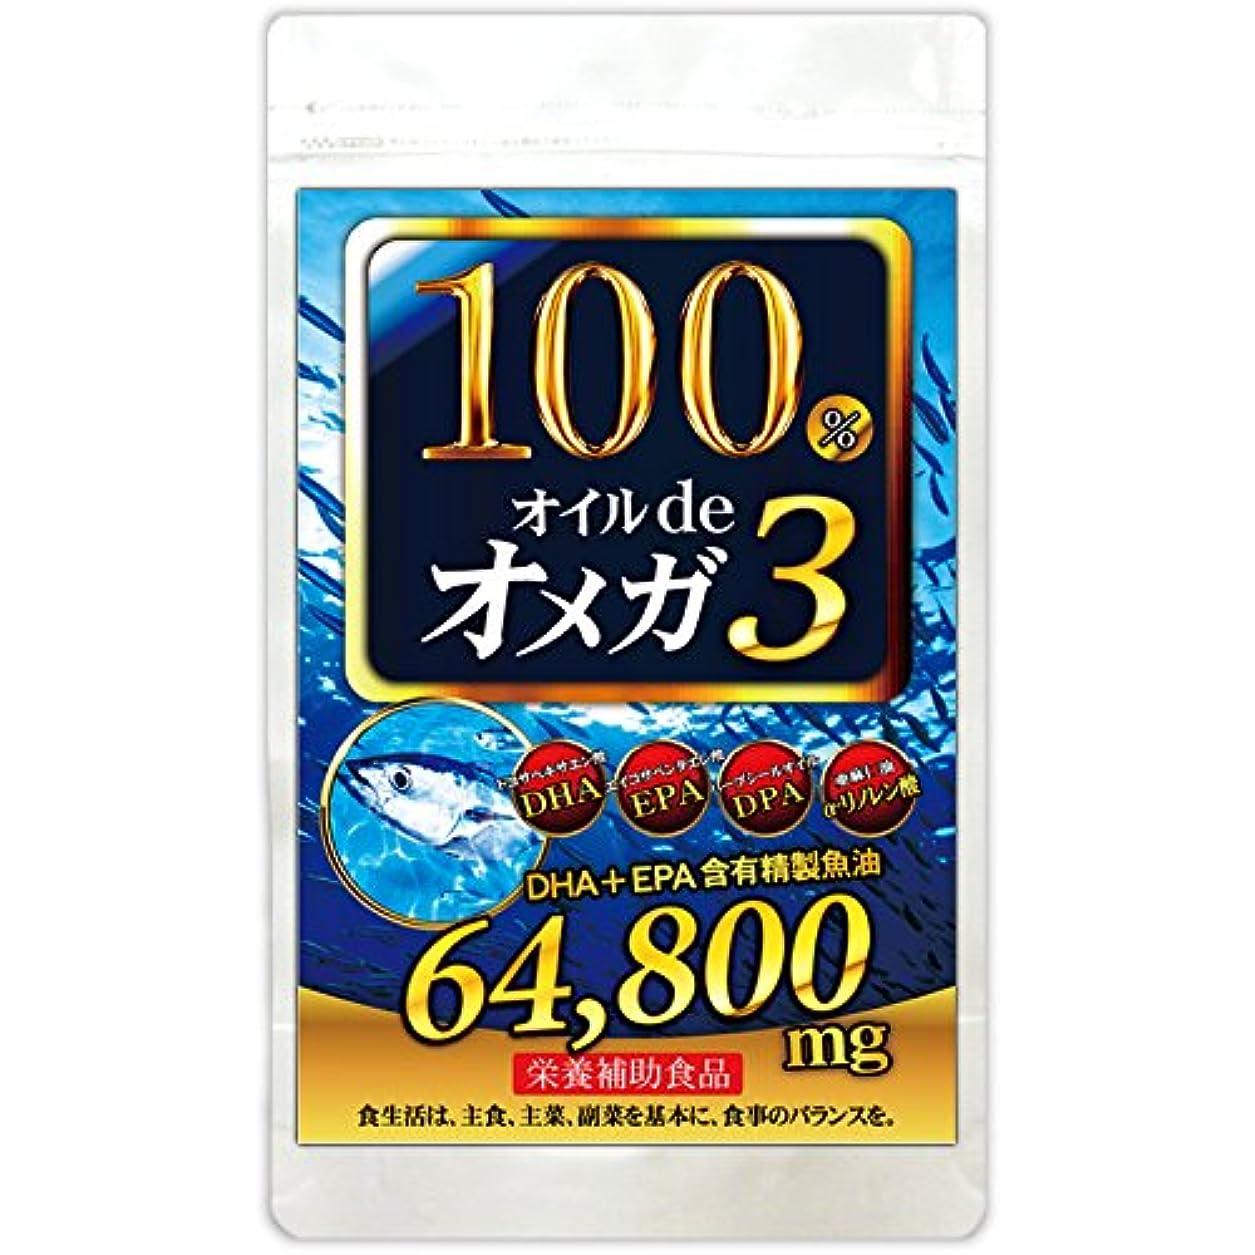 キャンベラシミュレートするピット(約6ヵ月分/180粒)オメガ3(DHA+EPA)など健康油12種類を100%限界配合詰め!100%オイルdeオメガ3